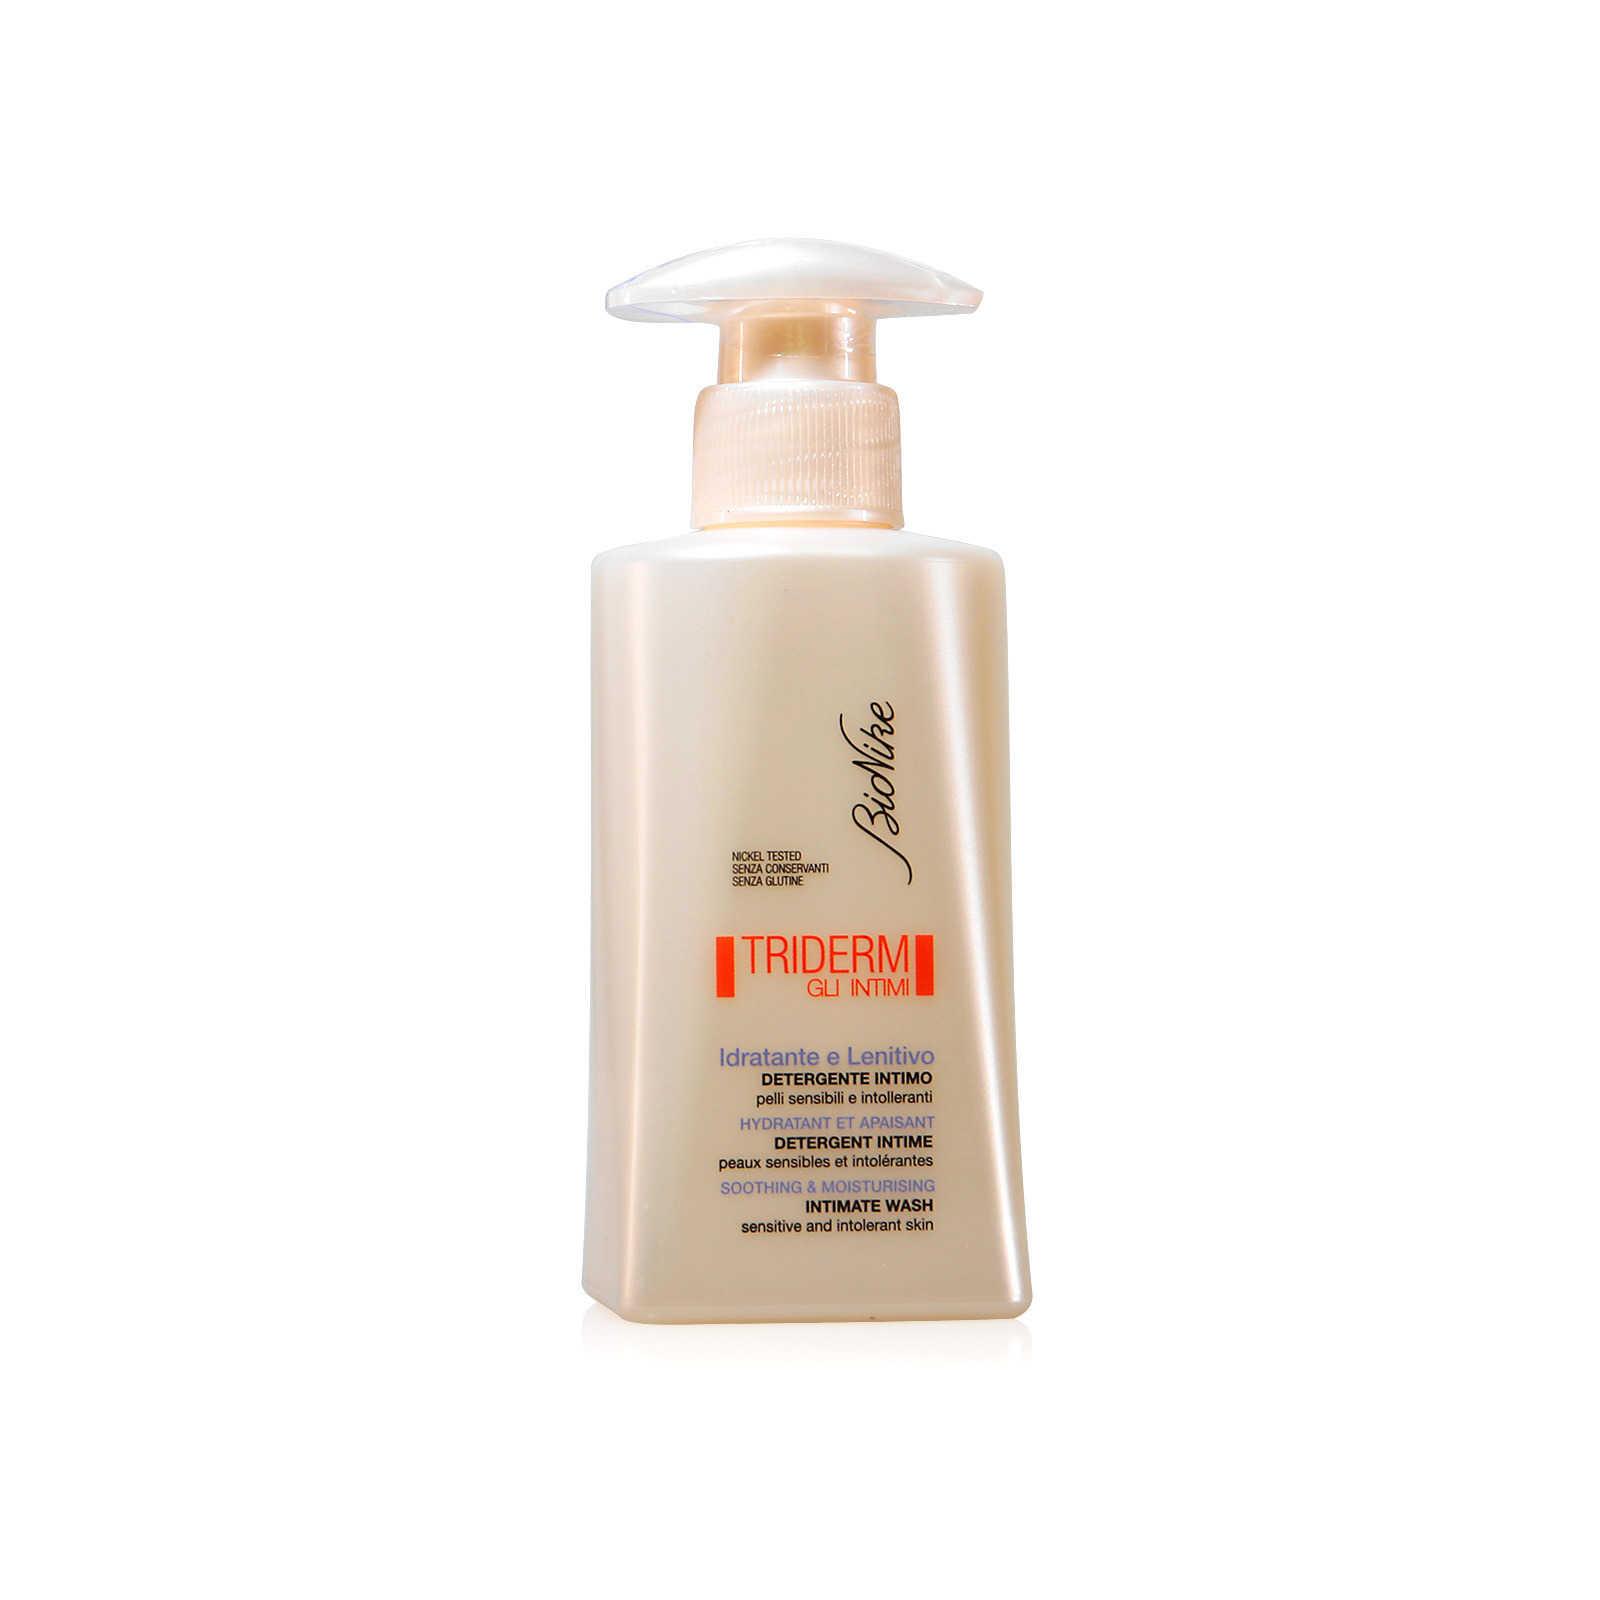 Bionike - Detergente intimo idratante e lenitivo per pelli sensibili - Triderm